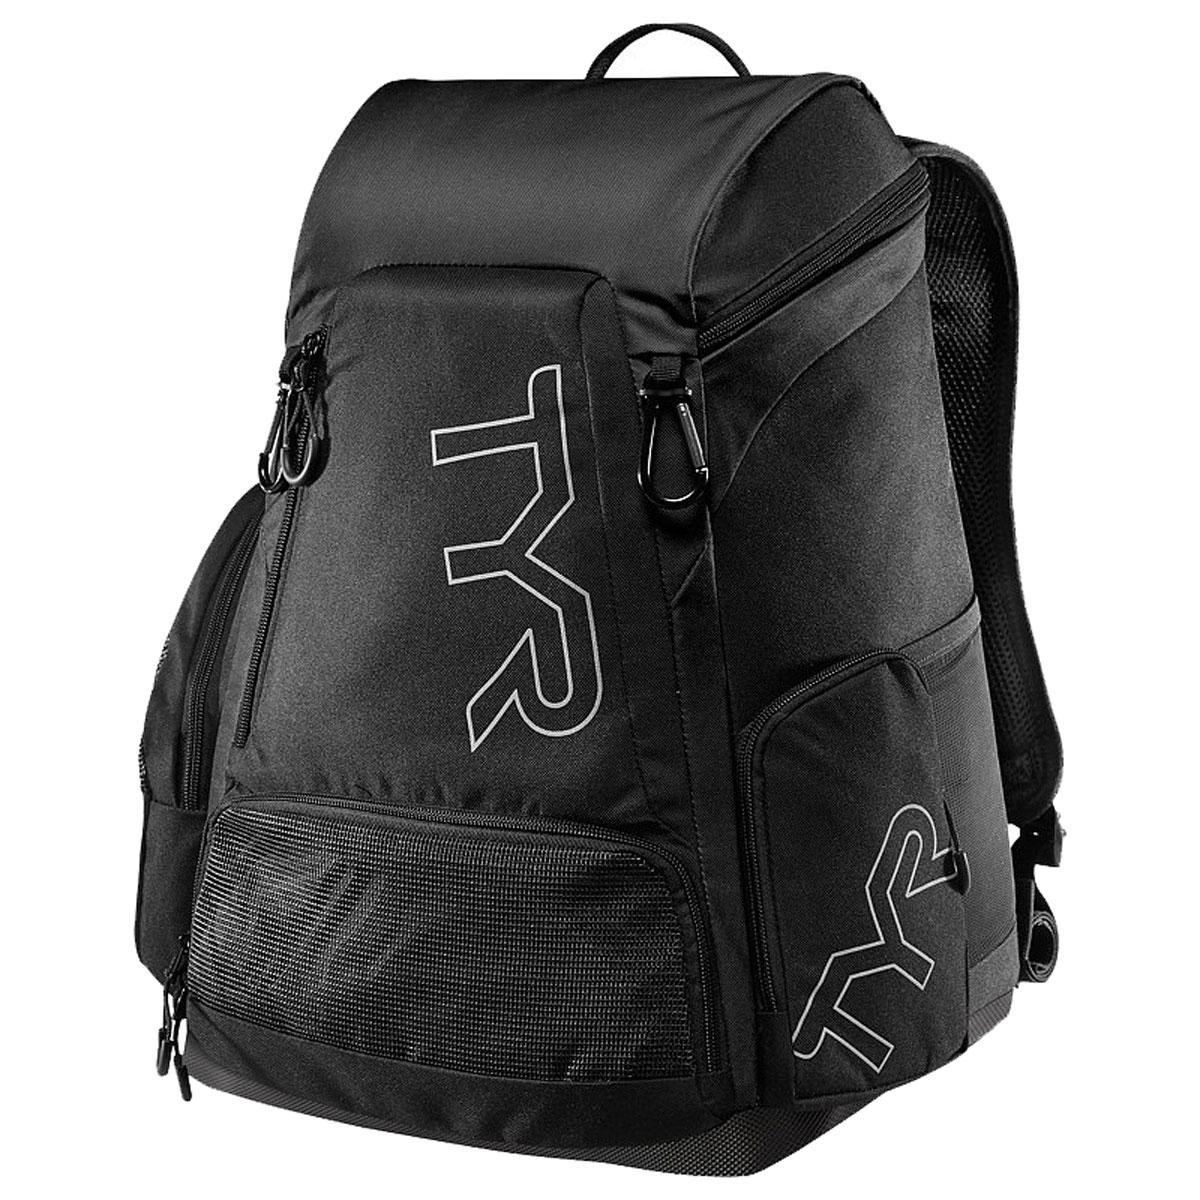 Tyr Alliance 30l Backpack Latbp30 022 купить по лучшей цене от